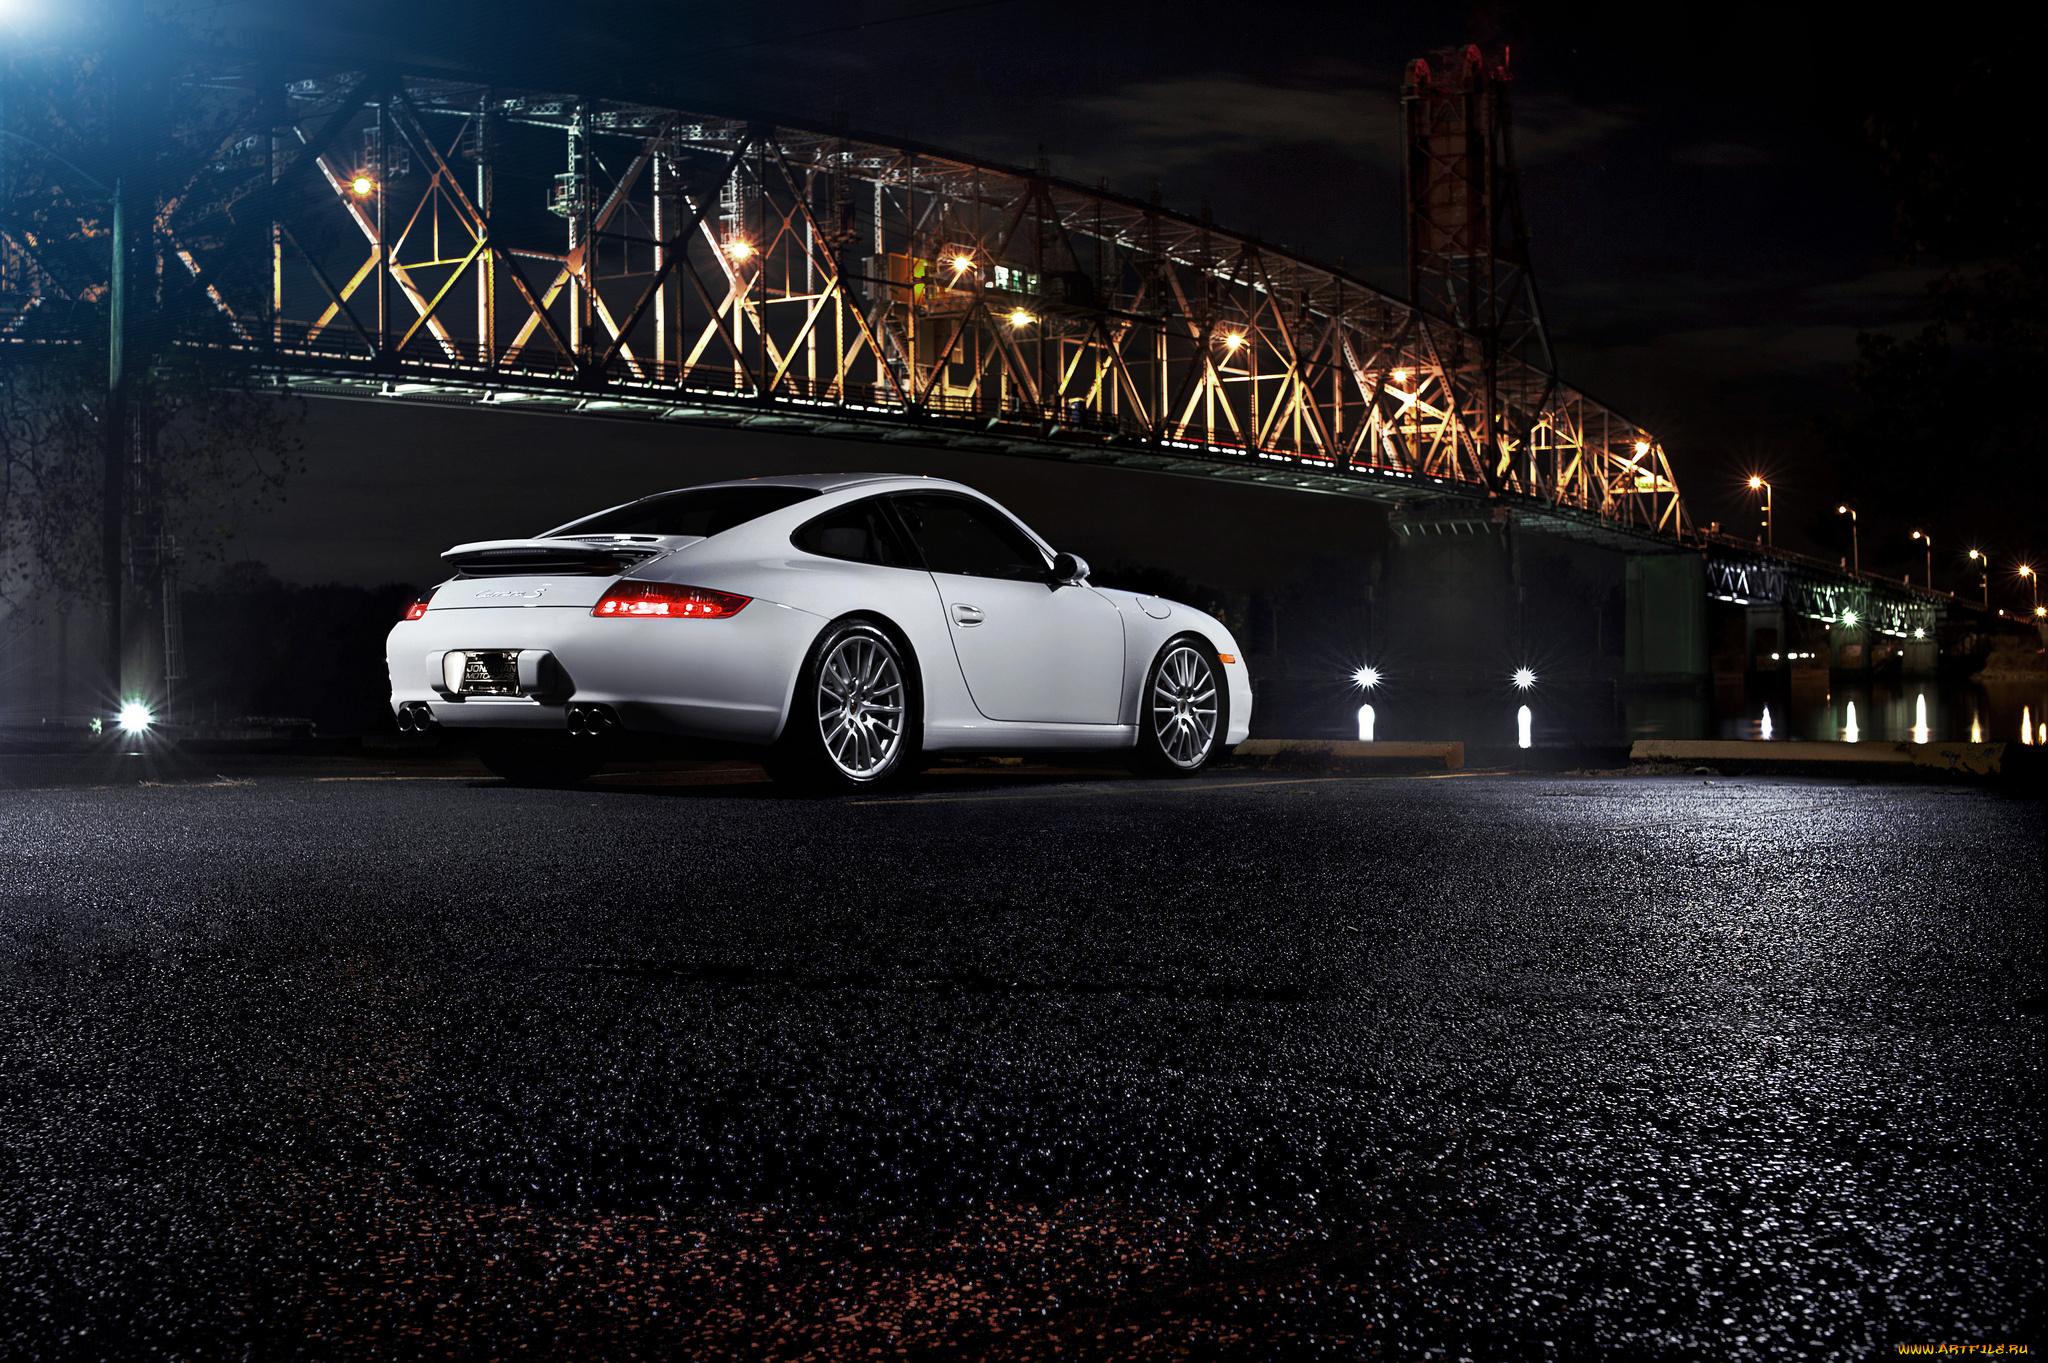 белая Porsche под мостом бесплатно